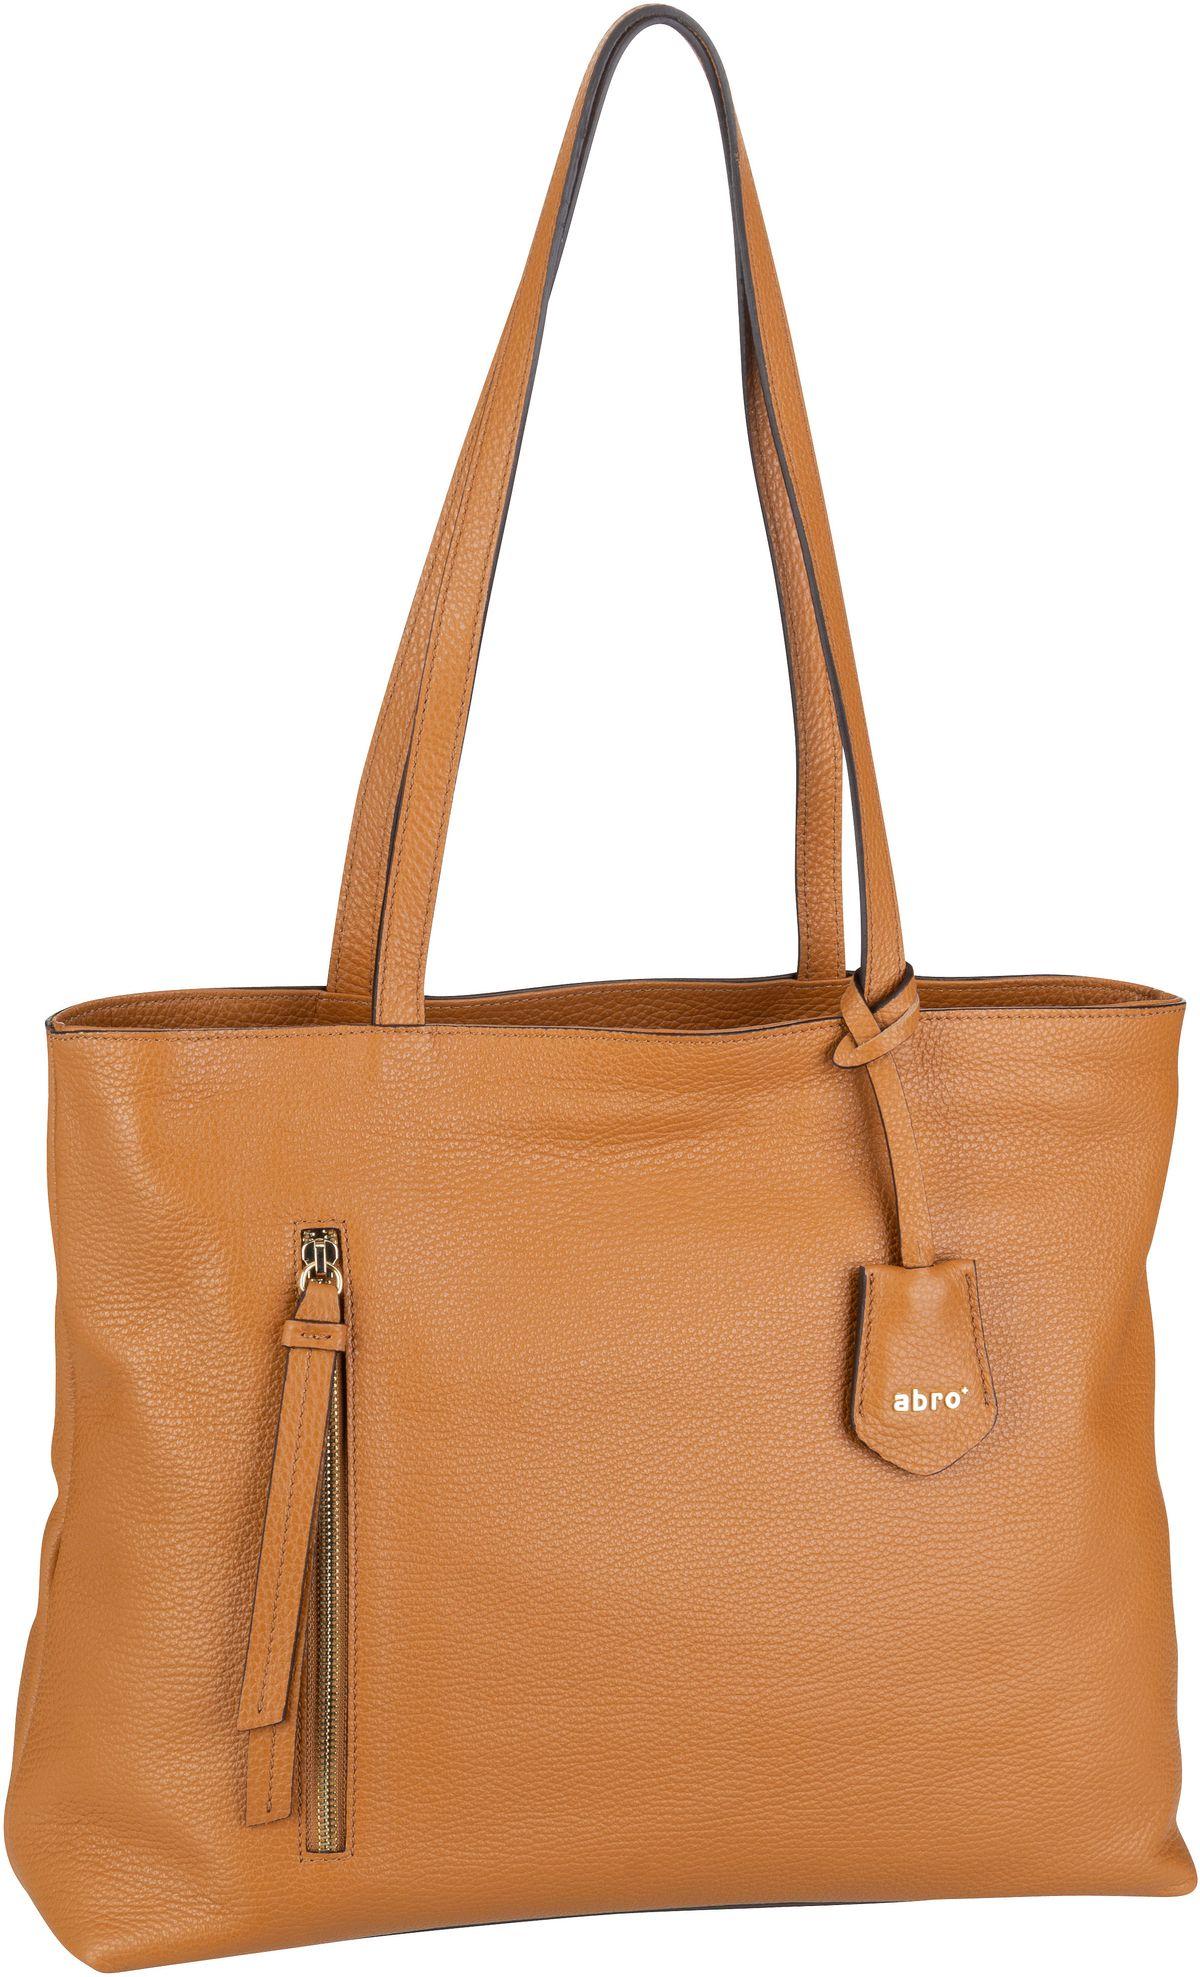 Handtasche Juna 29164 Cuoio